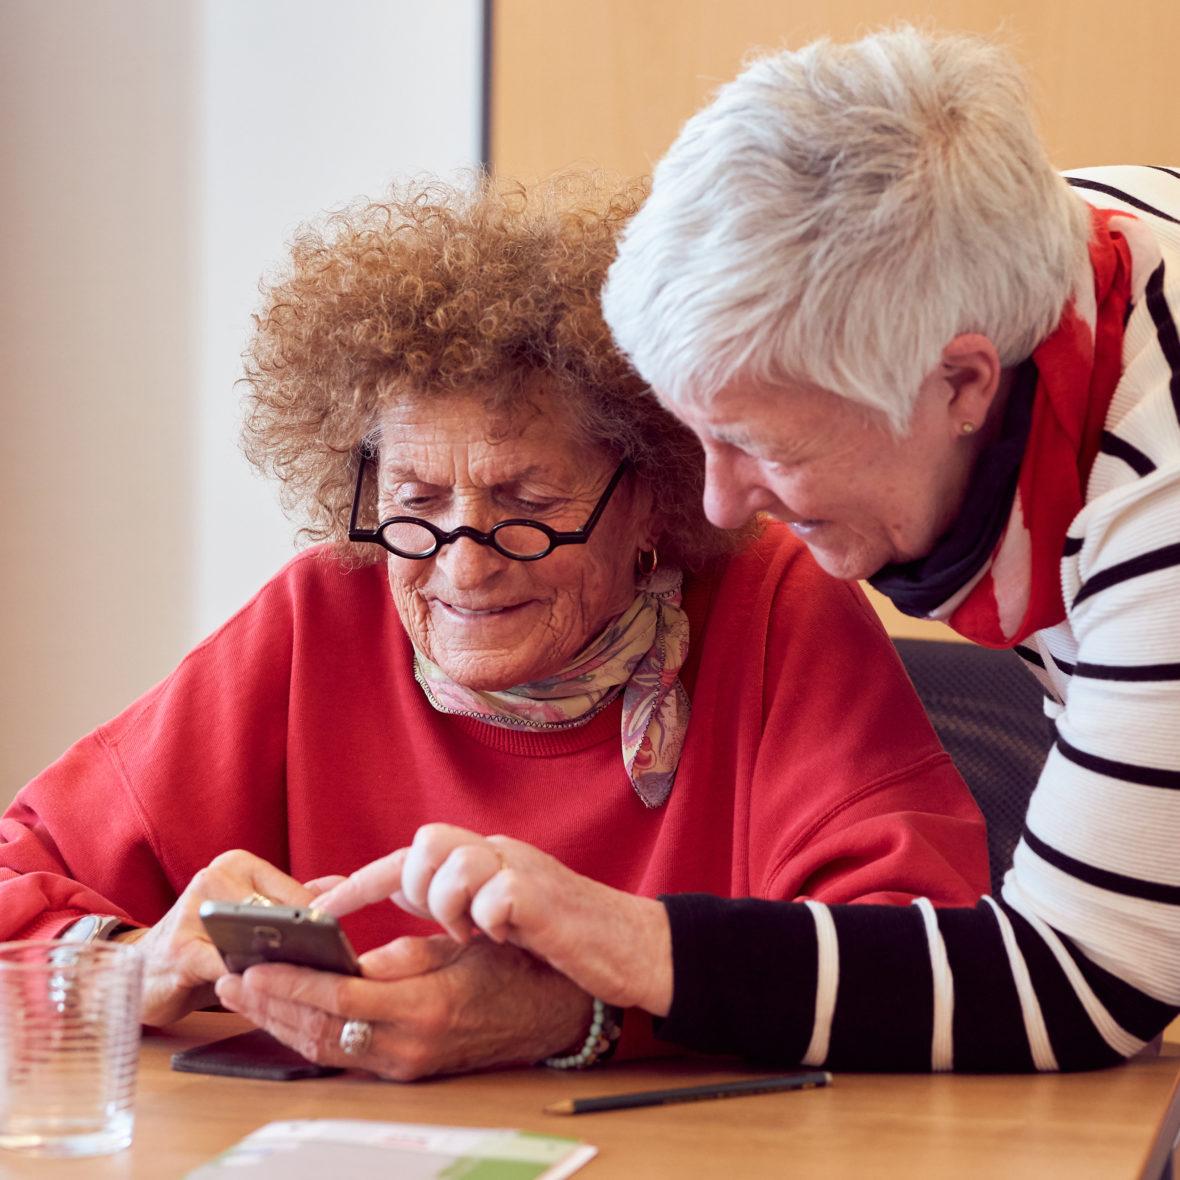 Zwei Seniorinnen schauen auf ein Smartphone.